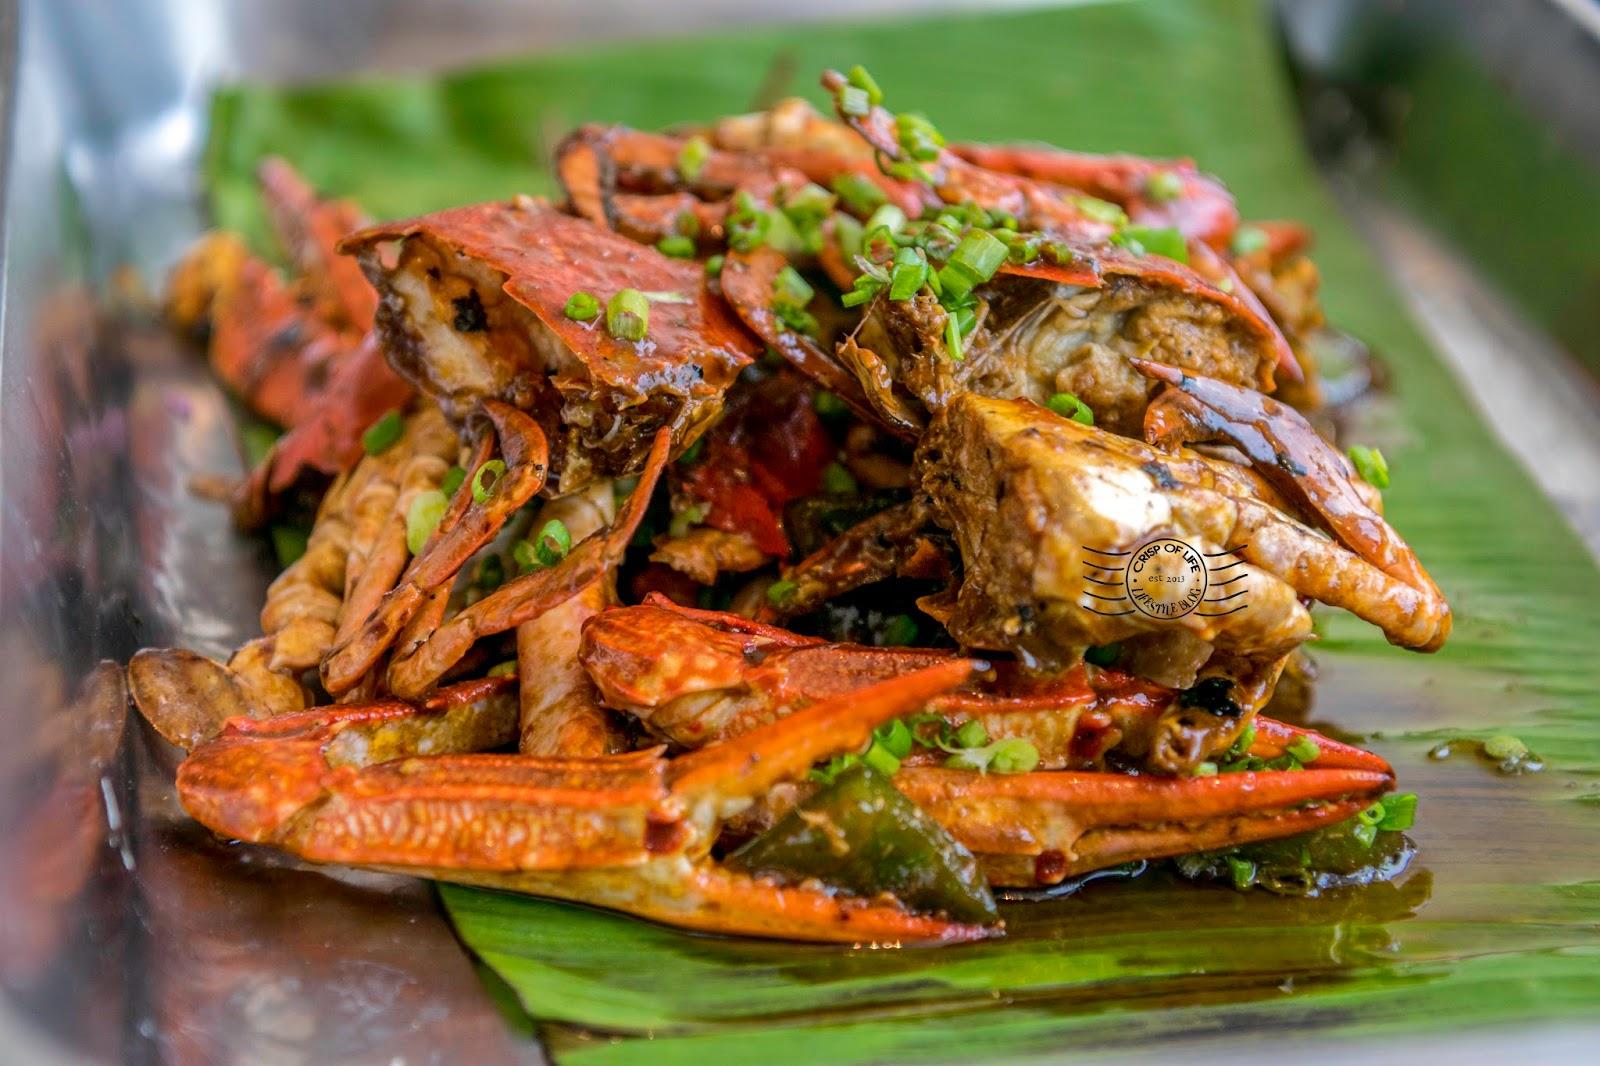 Saturday Seafood Buffet @ Royale Chulan Penang, Weld Quay, Penang